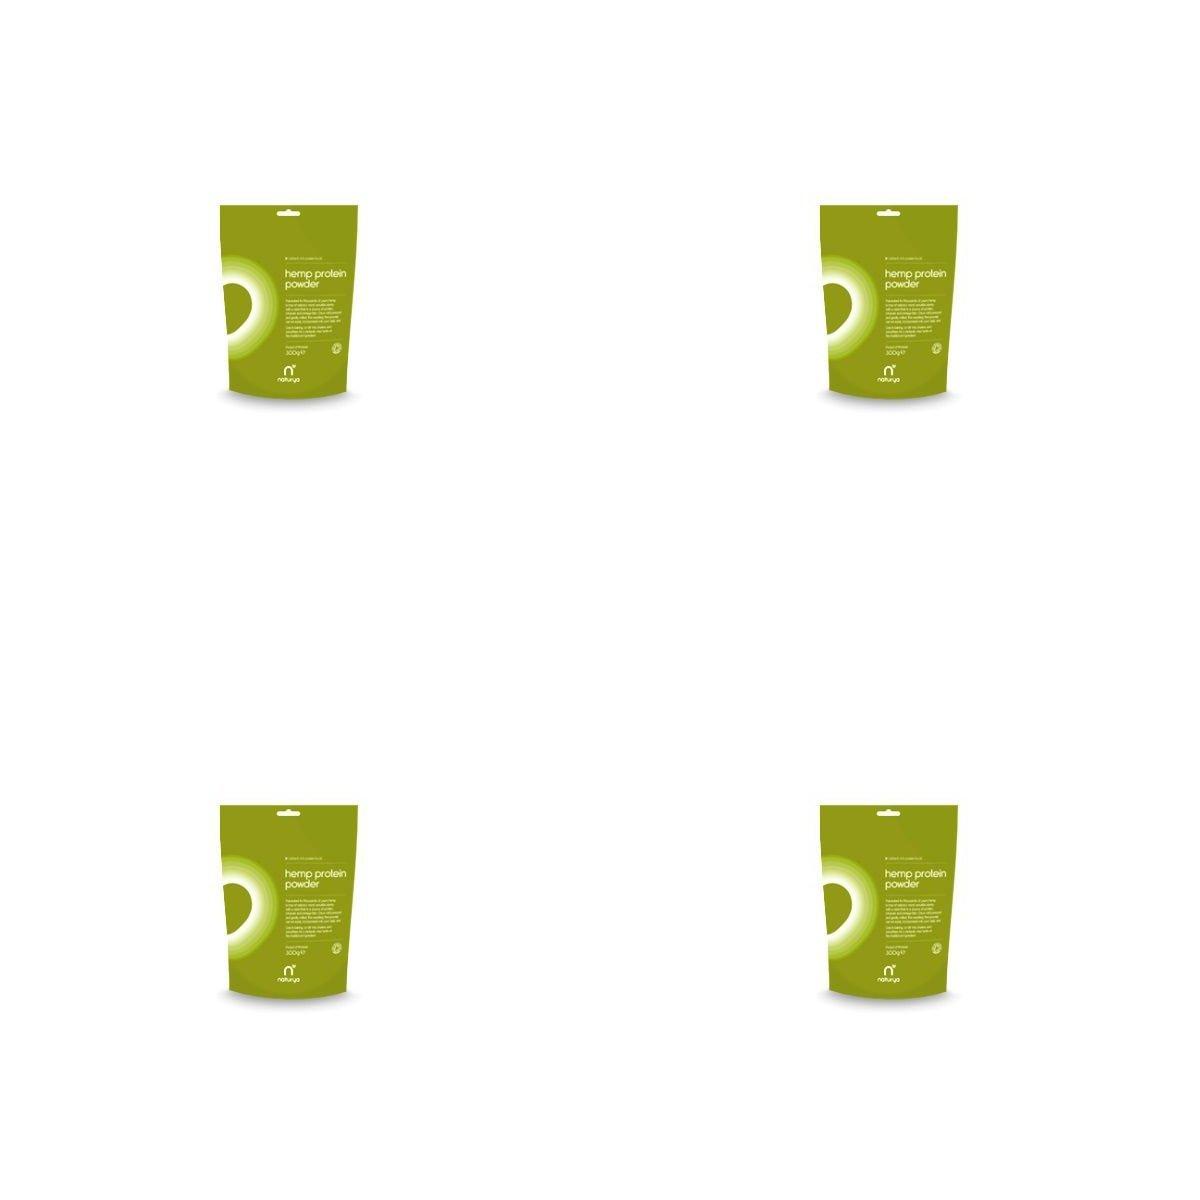 (4 PACK) - Naturya Organic Hemp Protein Powder| 300 g |4 PACK - SUPER SAVER - SAVE MONEY